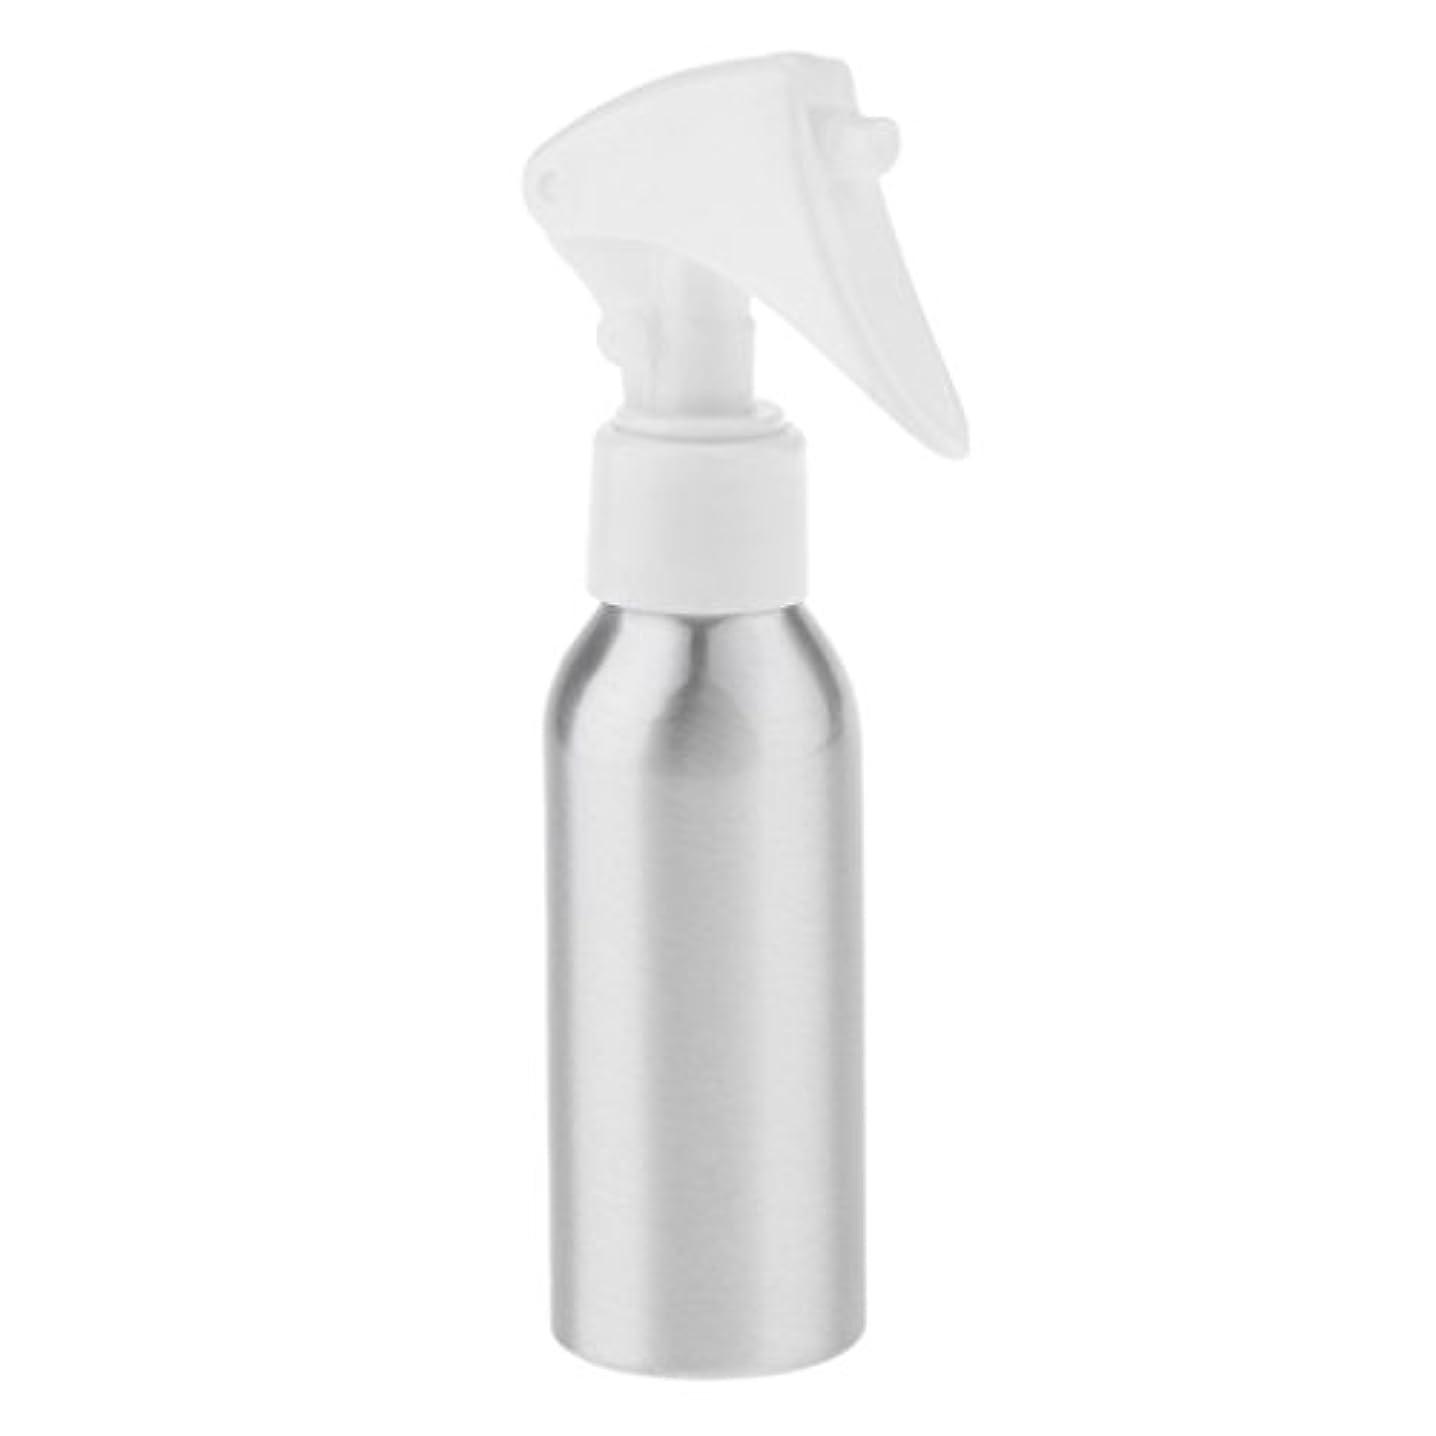 代数換気収益スプレーボトル スプレーポンプ ポンプボトル 噴霧器 香水ボトル 多機能 便利 6サイズ選択 - 120ML